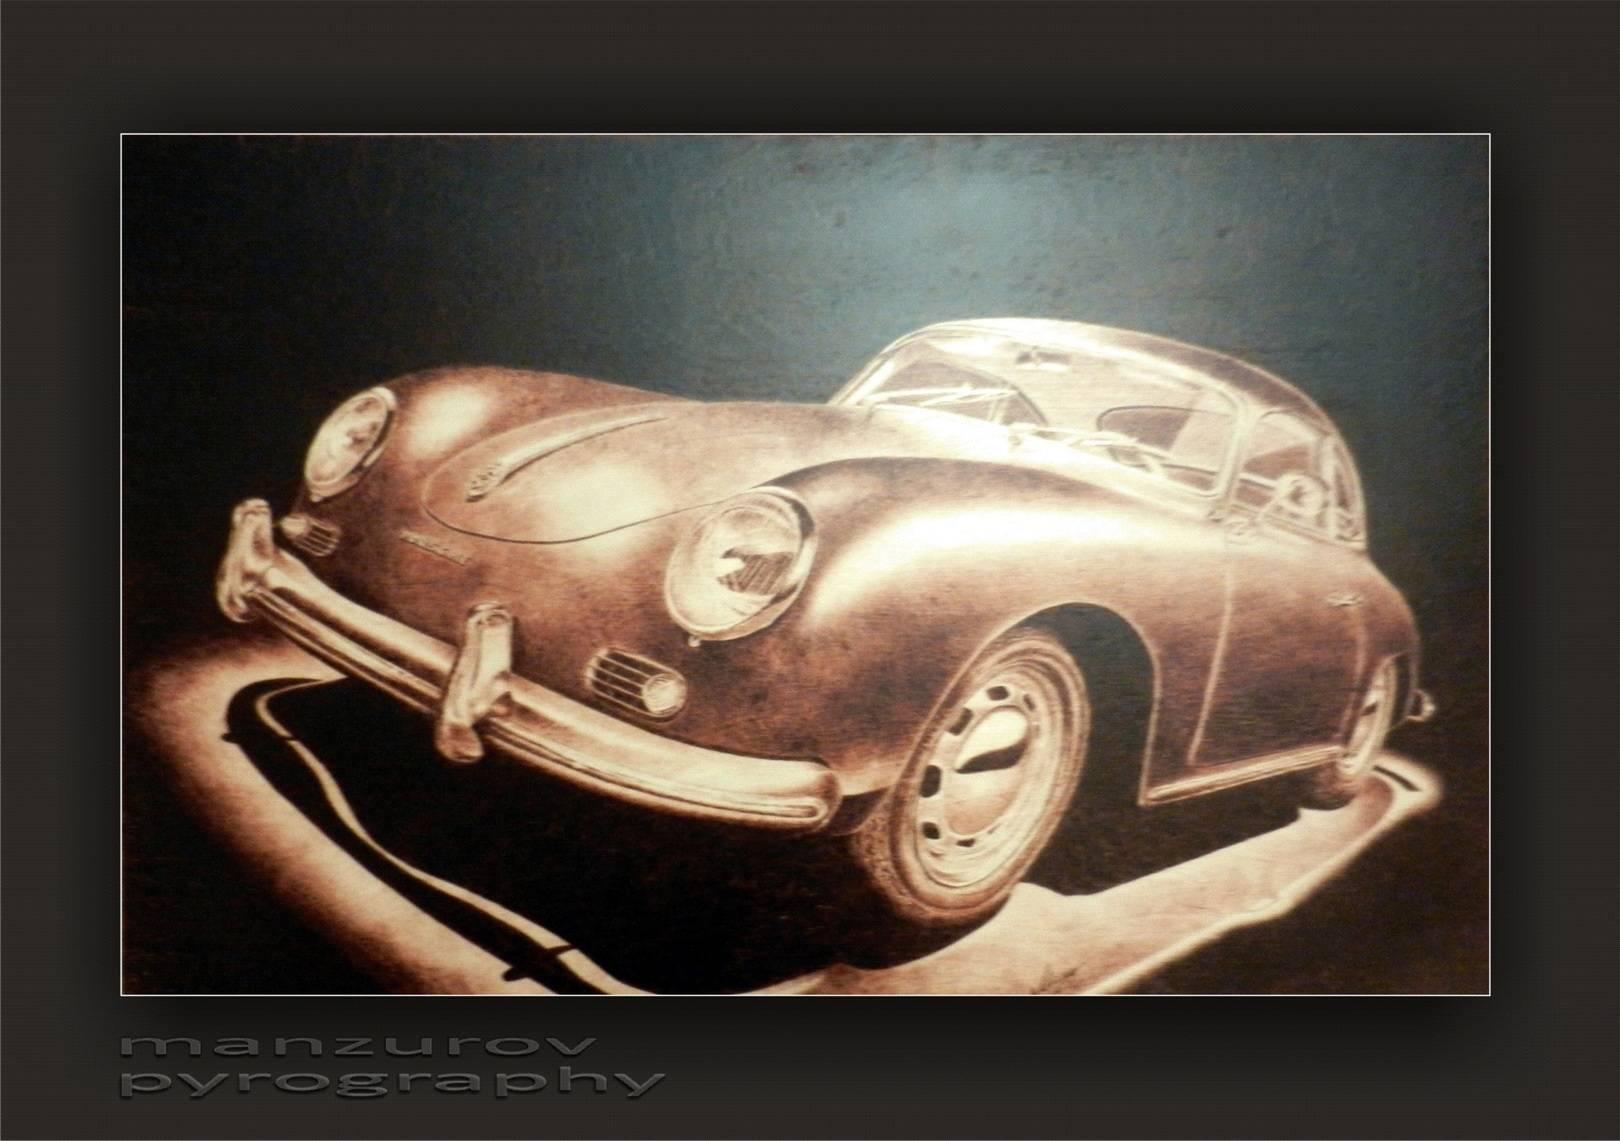 Porsche. Пирография, березовая фанера, матовый лак. Размер 55х100см